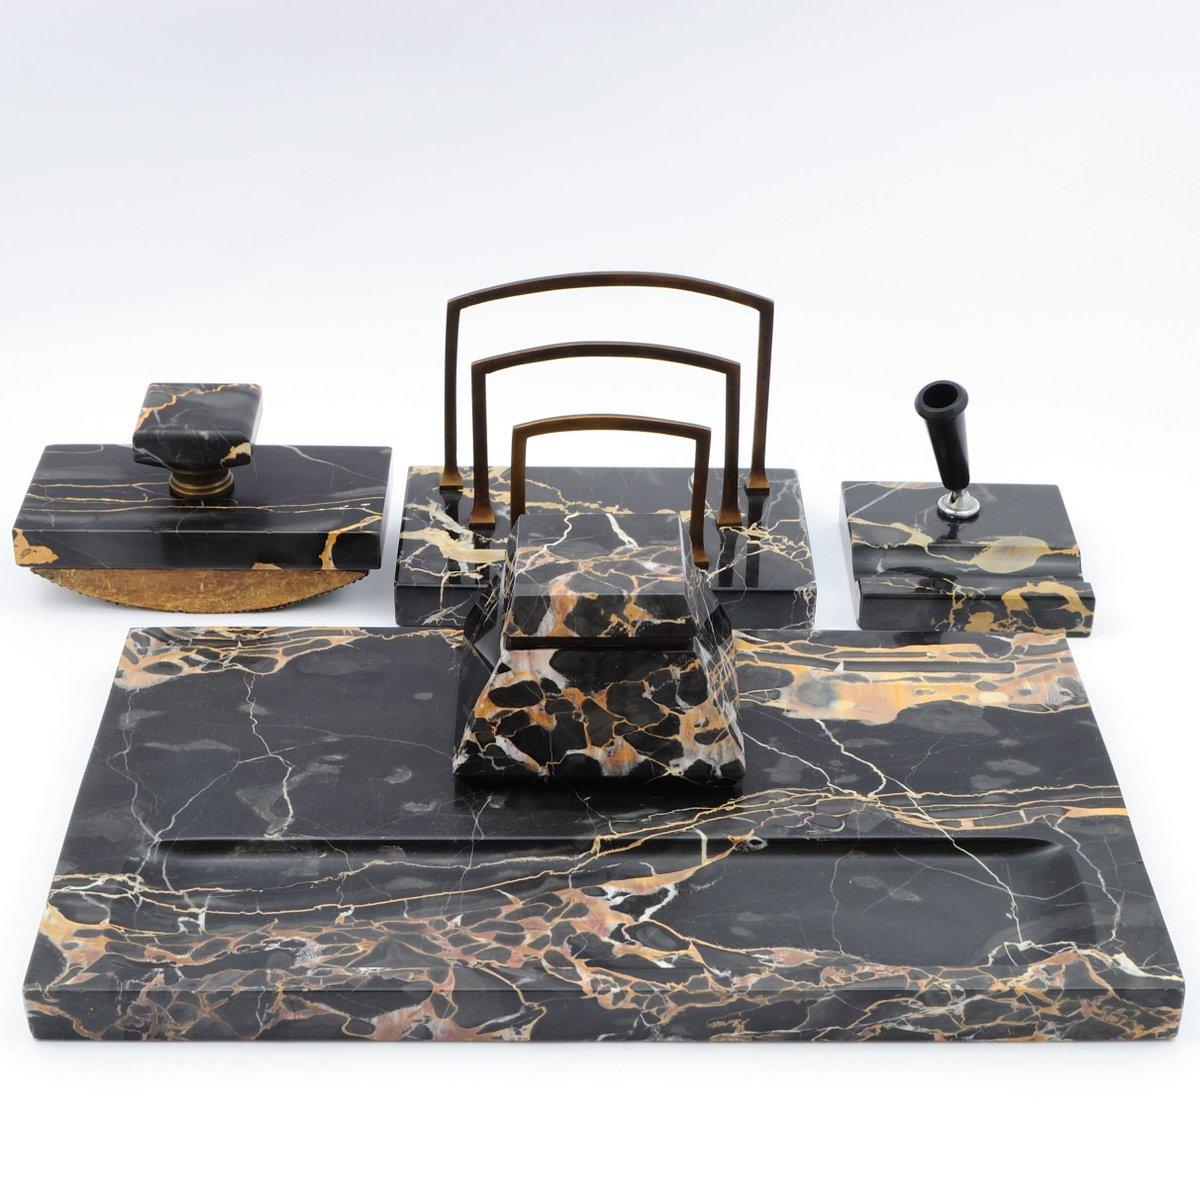 schwarzes portoro marmor schreibtisch set 1920er bei pamono kaufen. Black Bedroom Furniture Sets. Home Design Ideas